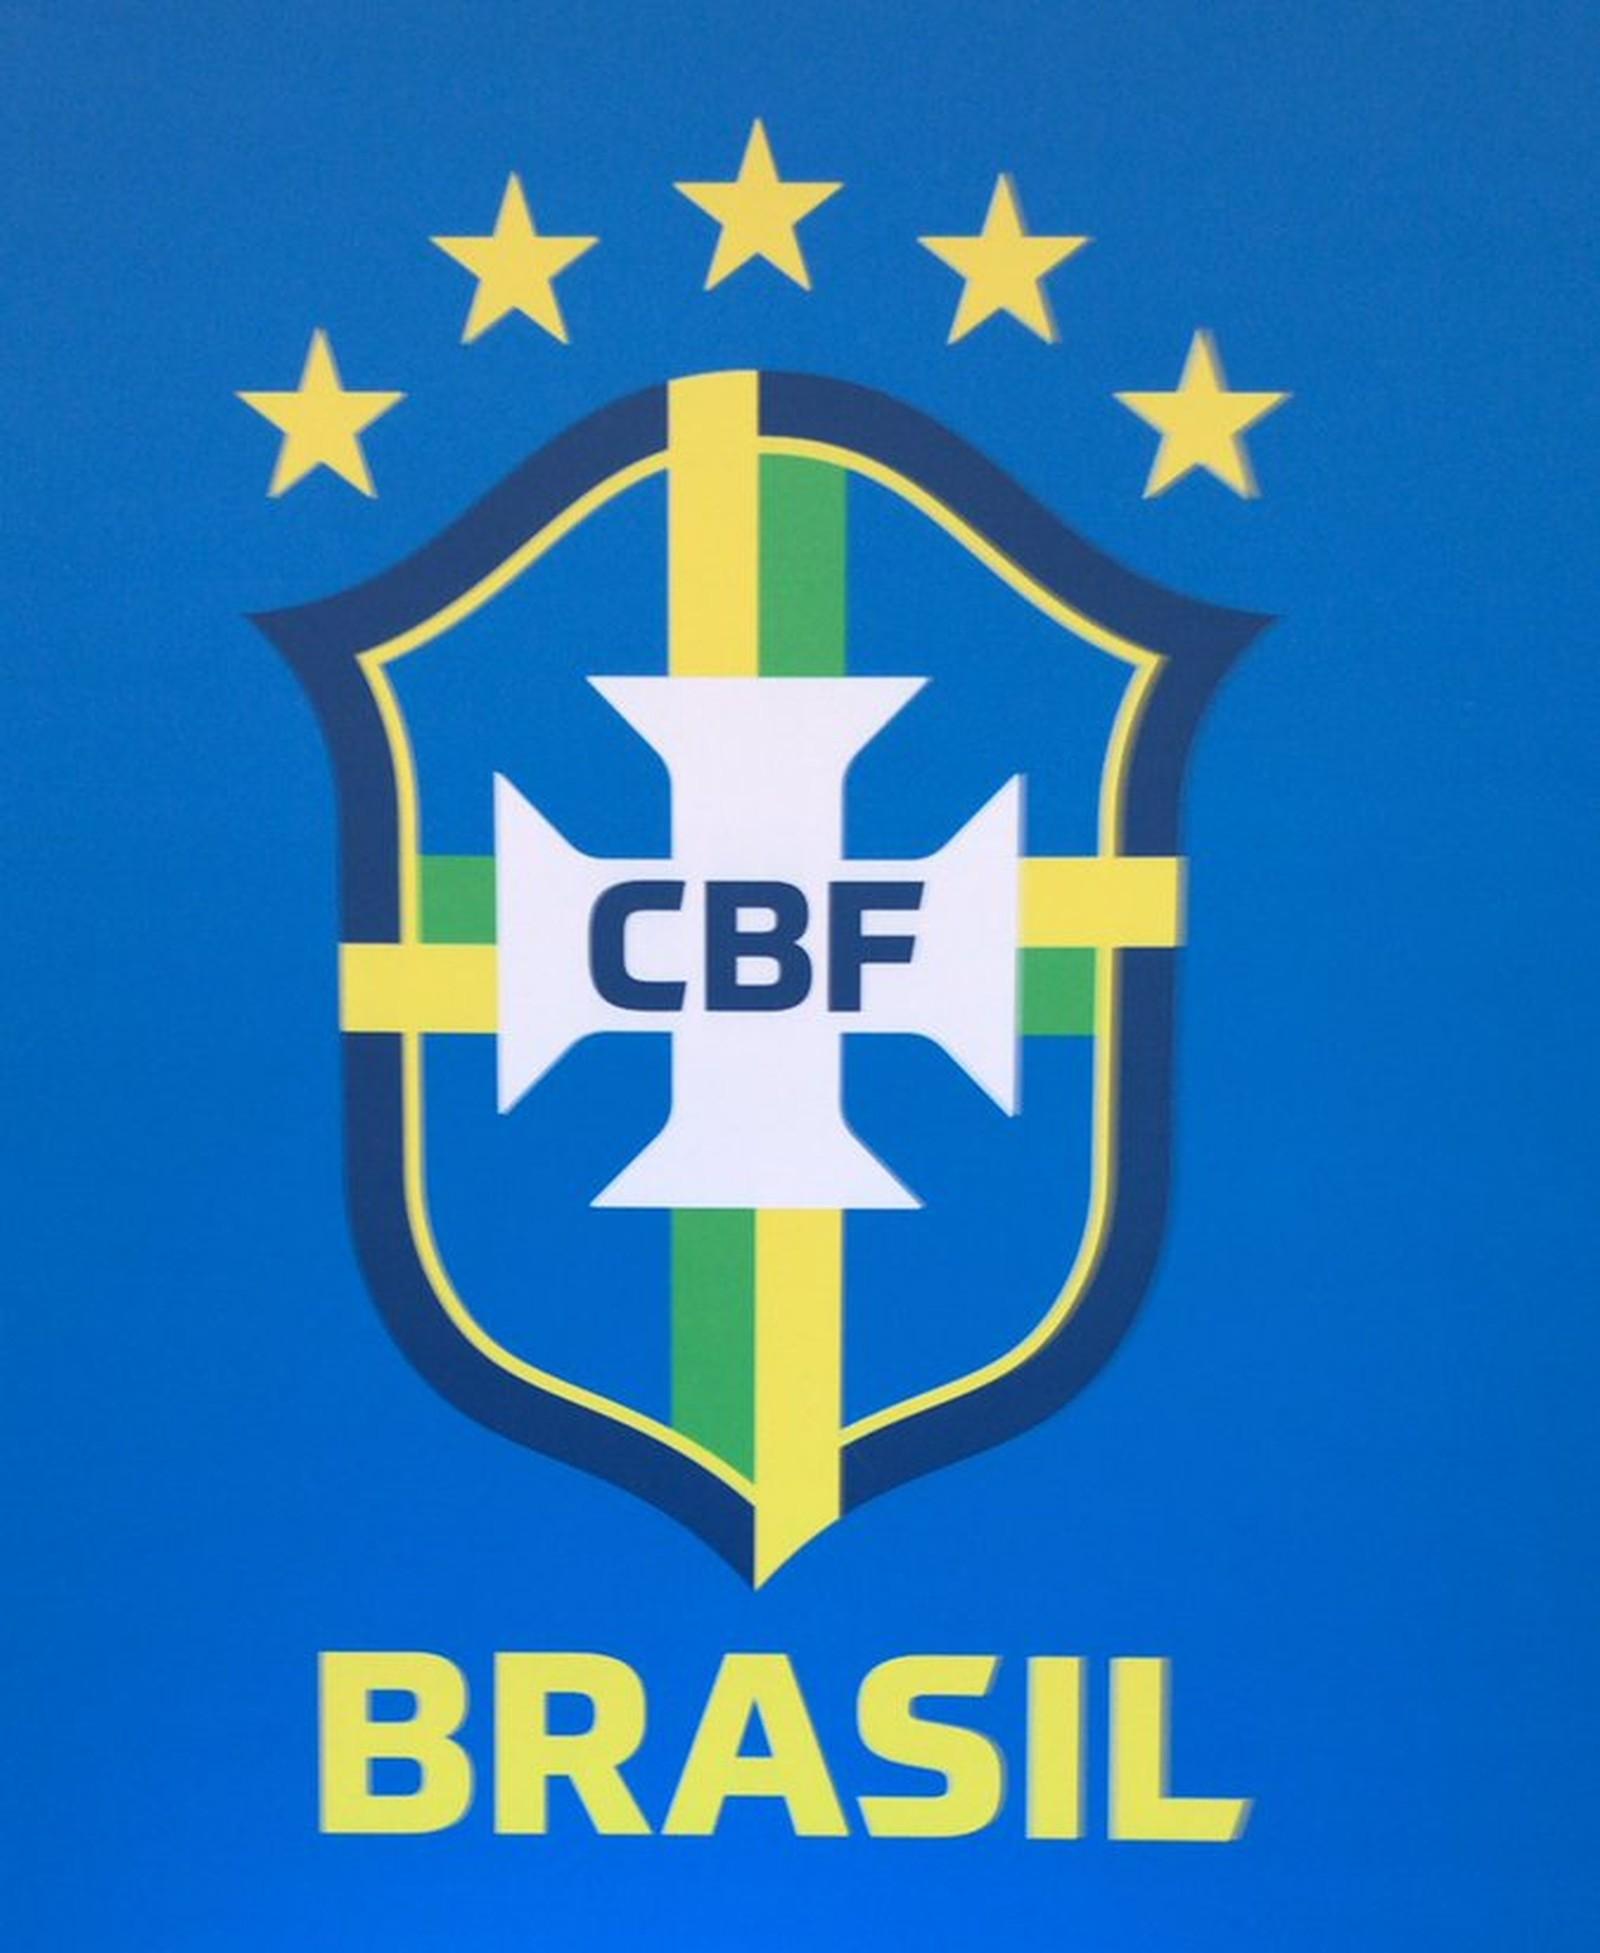 O novo escudo da CBF (Foto: Divulgação)